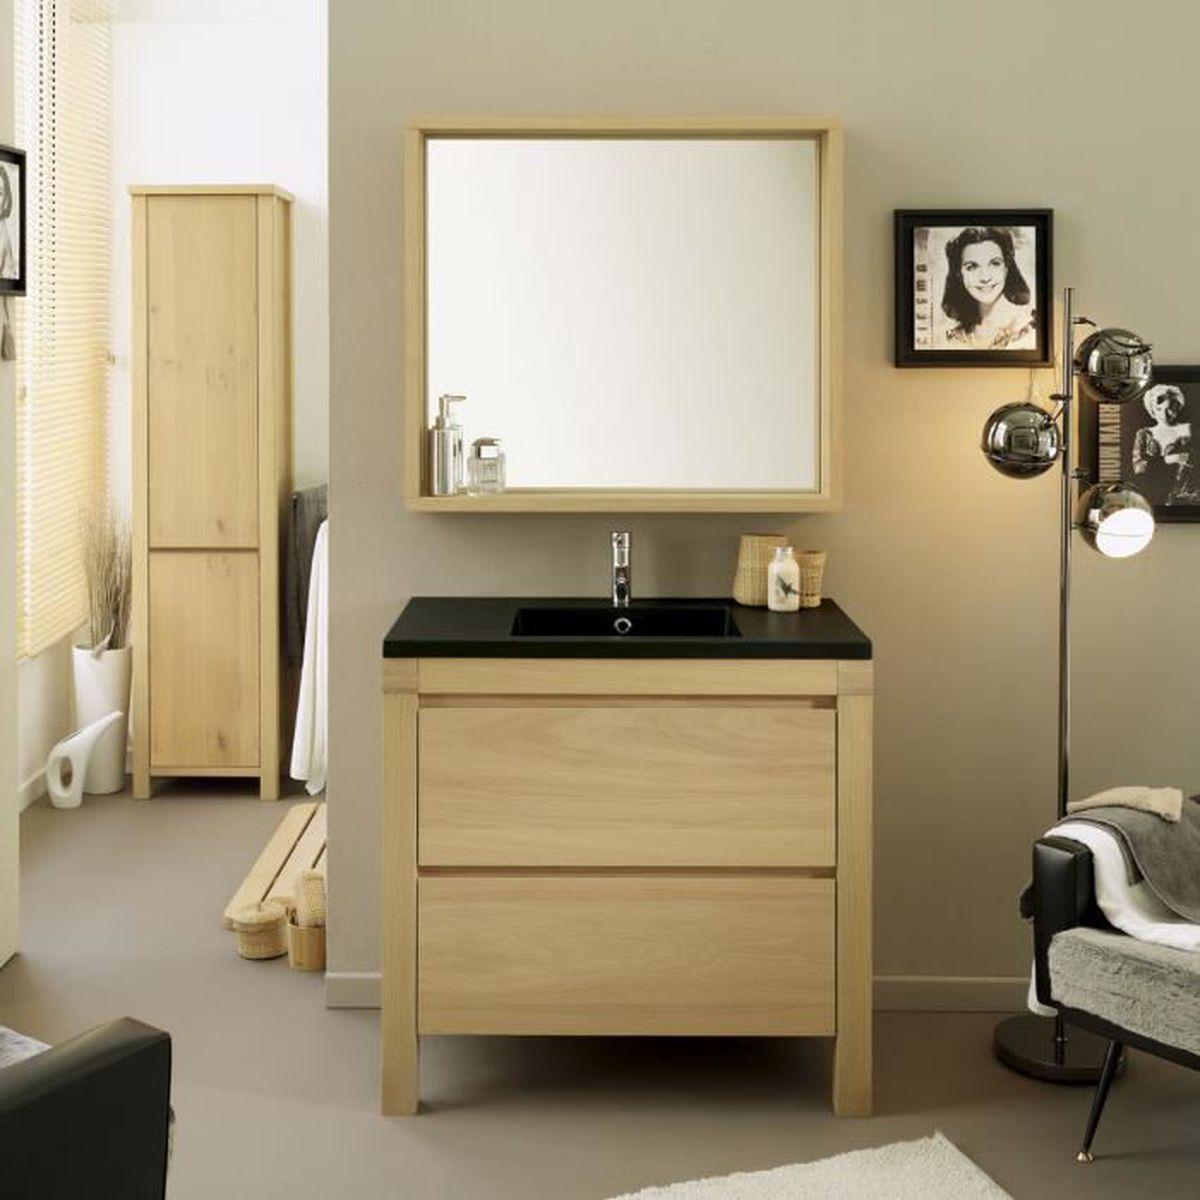 Ensemble salle de bain valery meuble vasque miroir 90 cm for Ensemble meuble salle de bain 80 cm